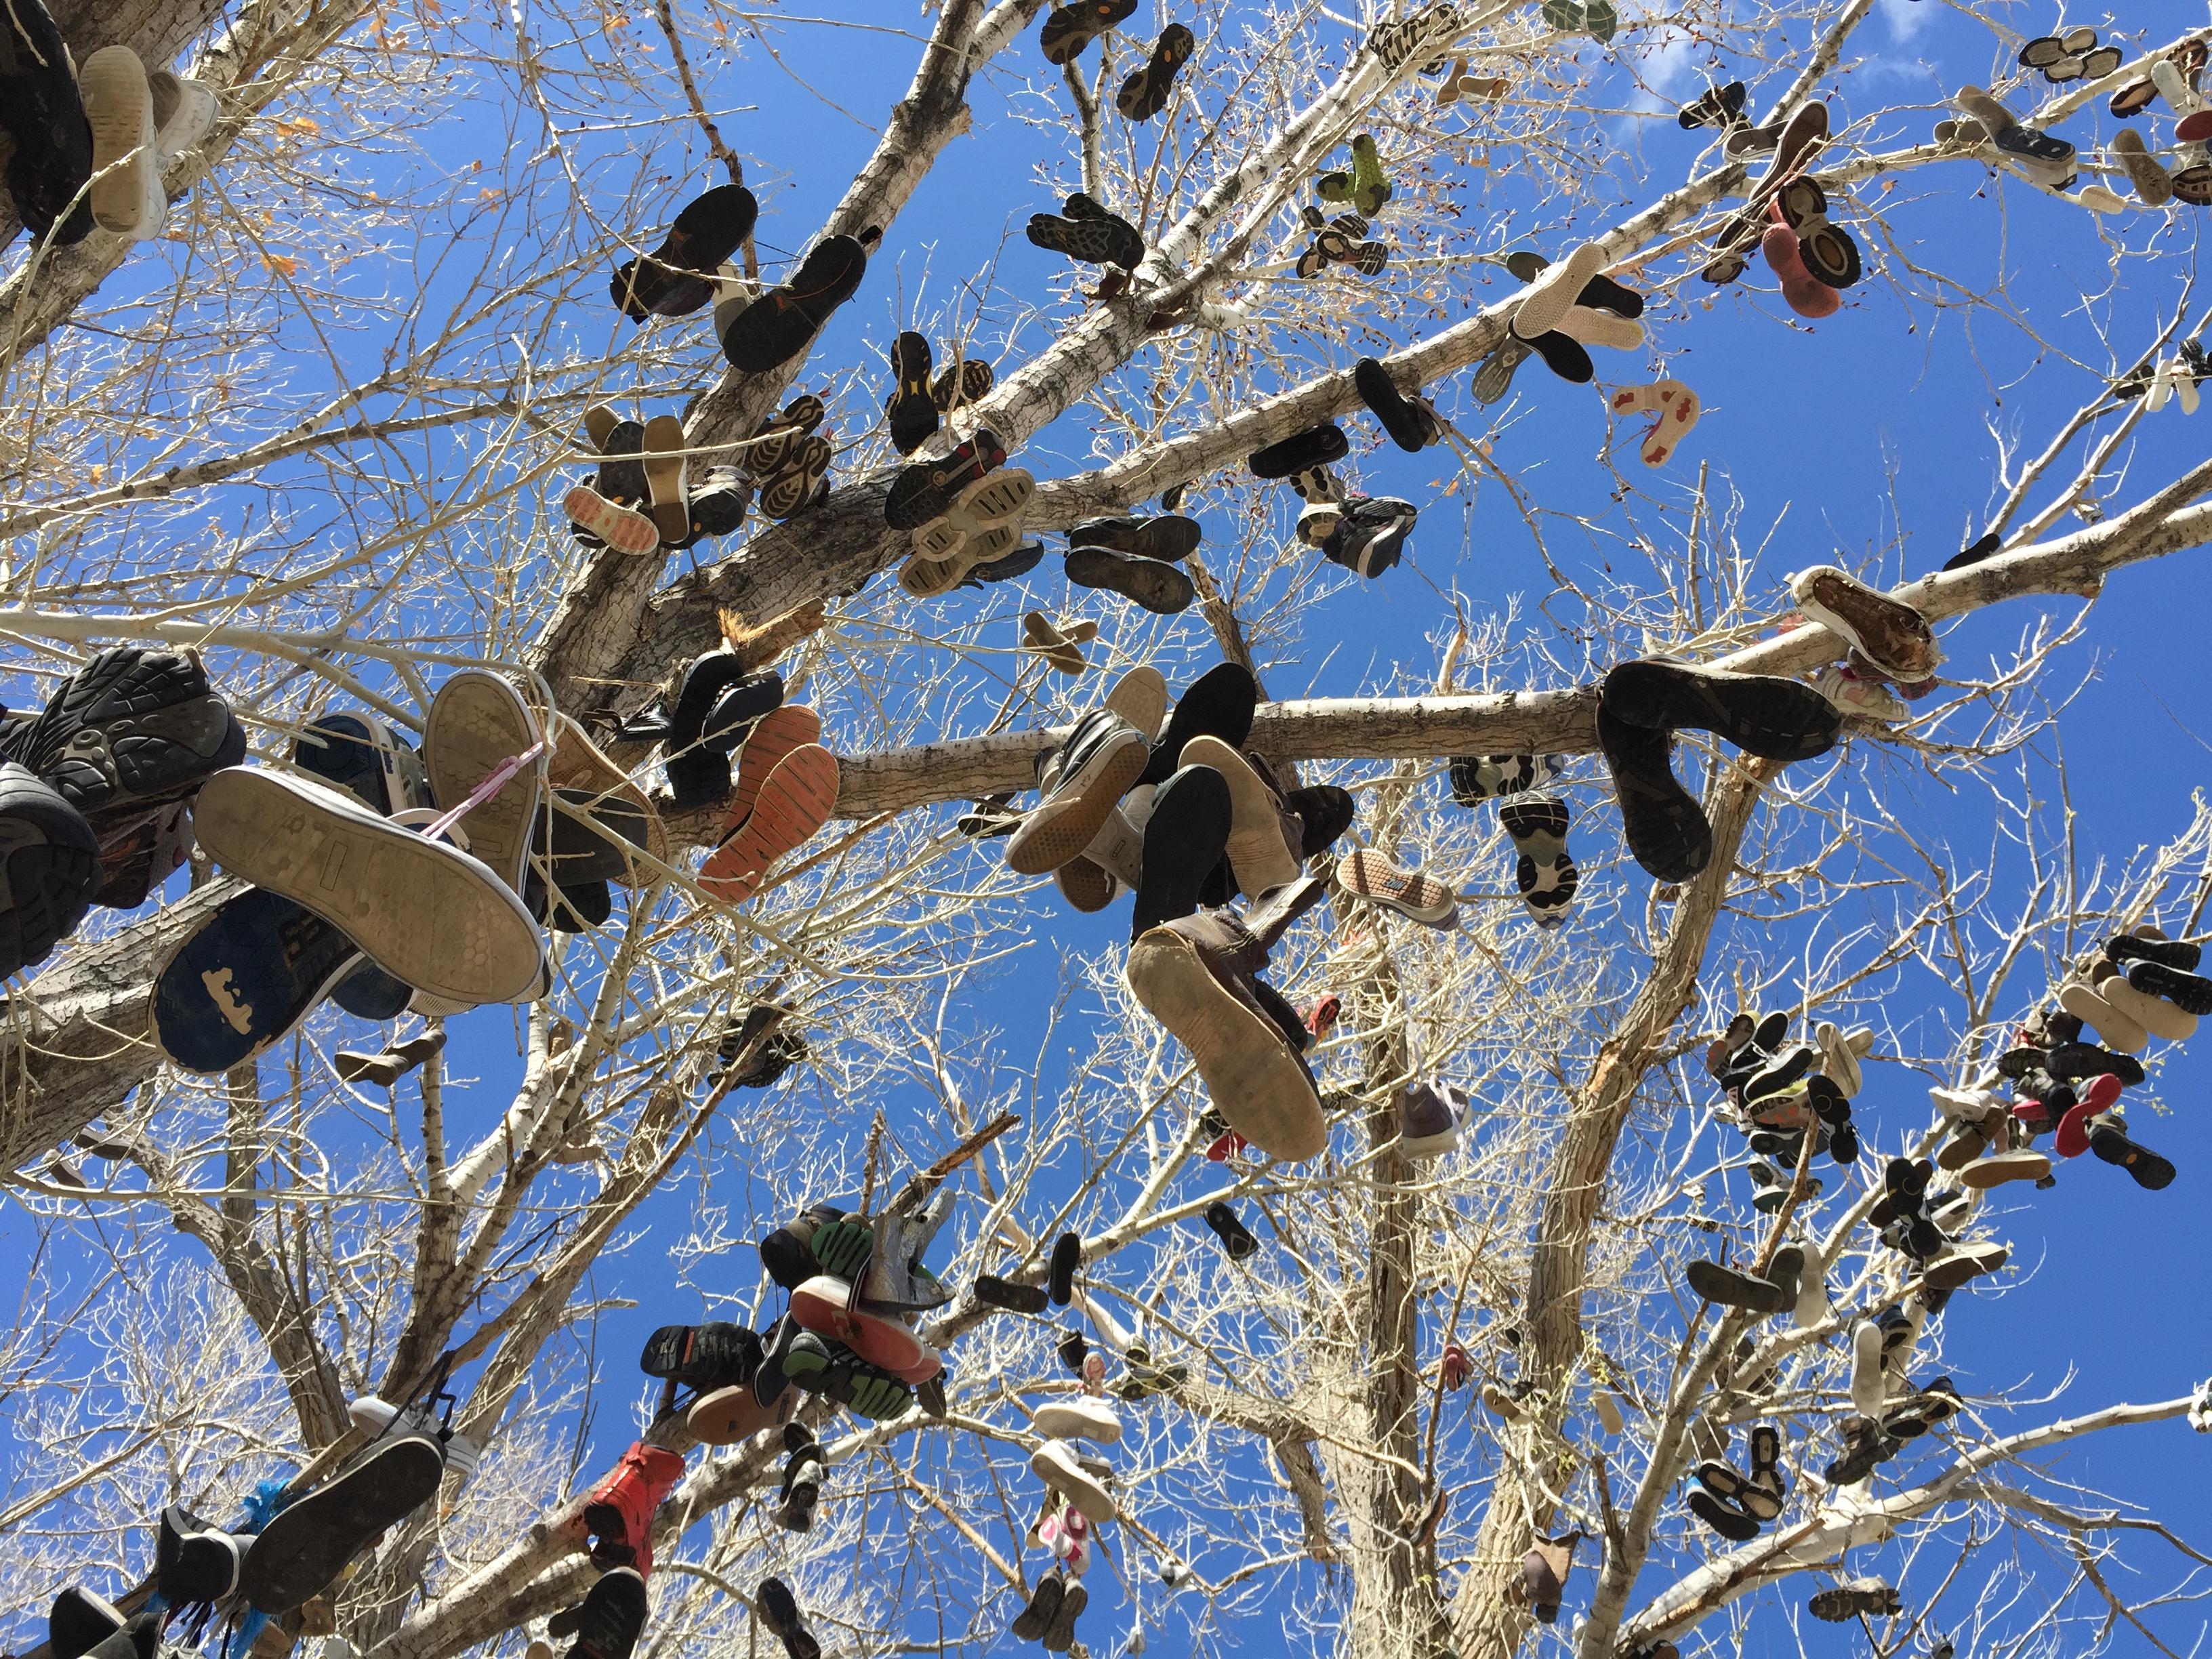 New Shoe Tree Dust